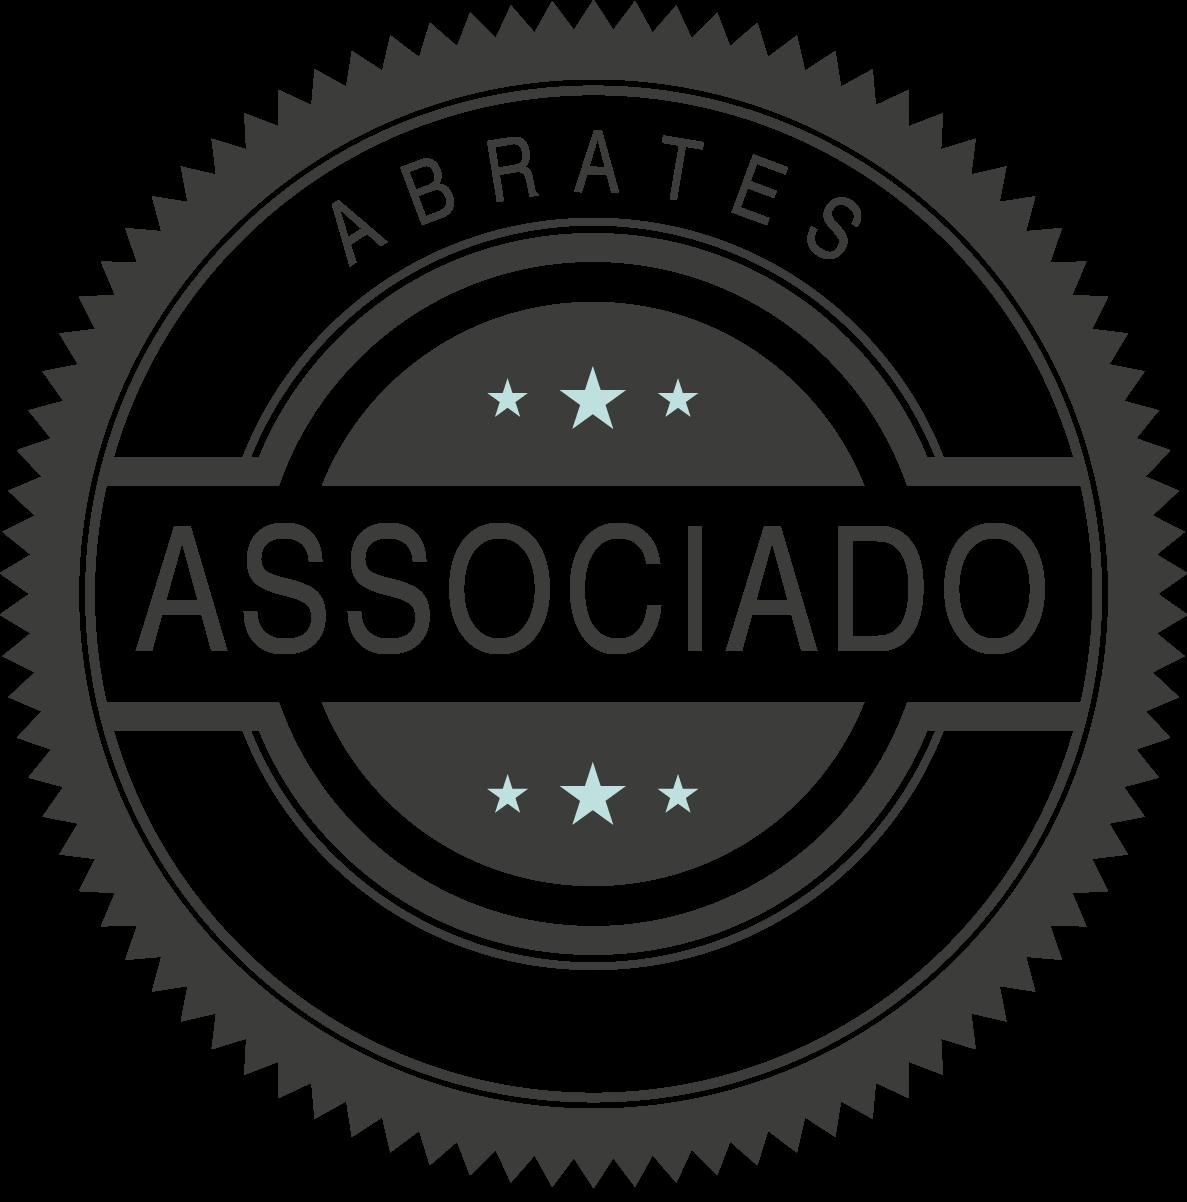 Selo Associado Abrates